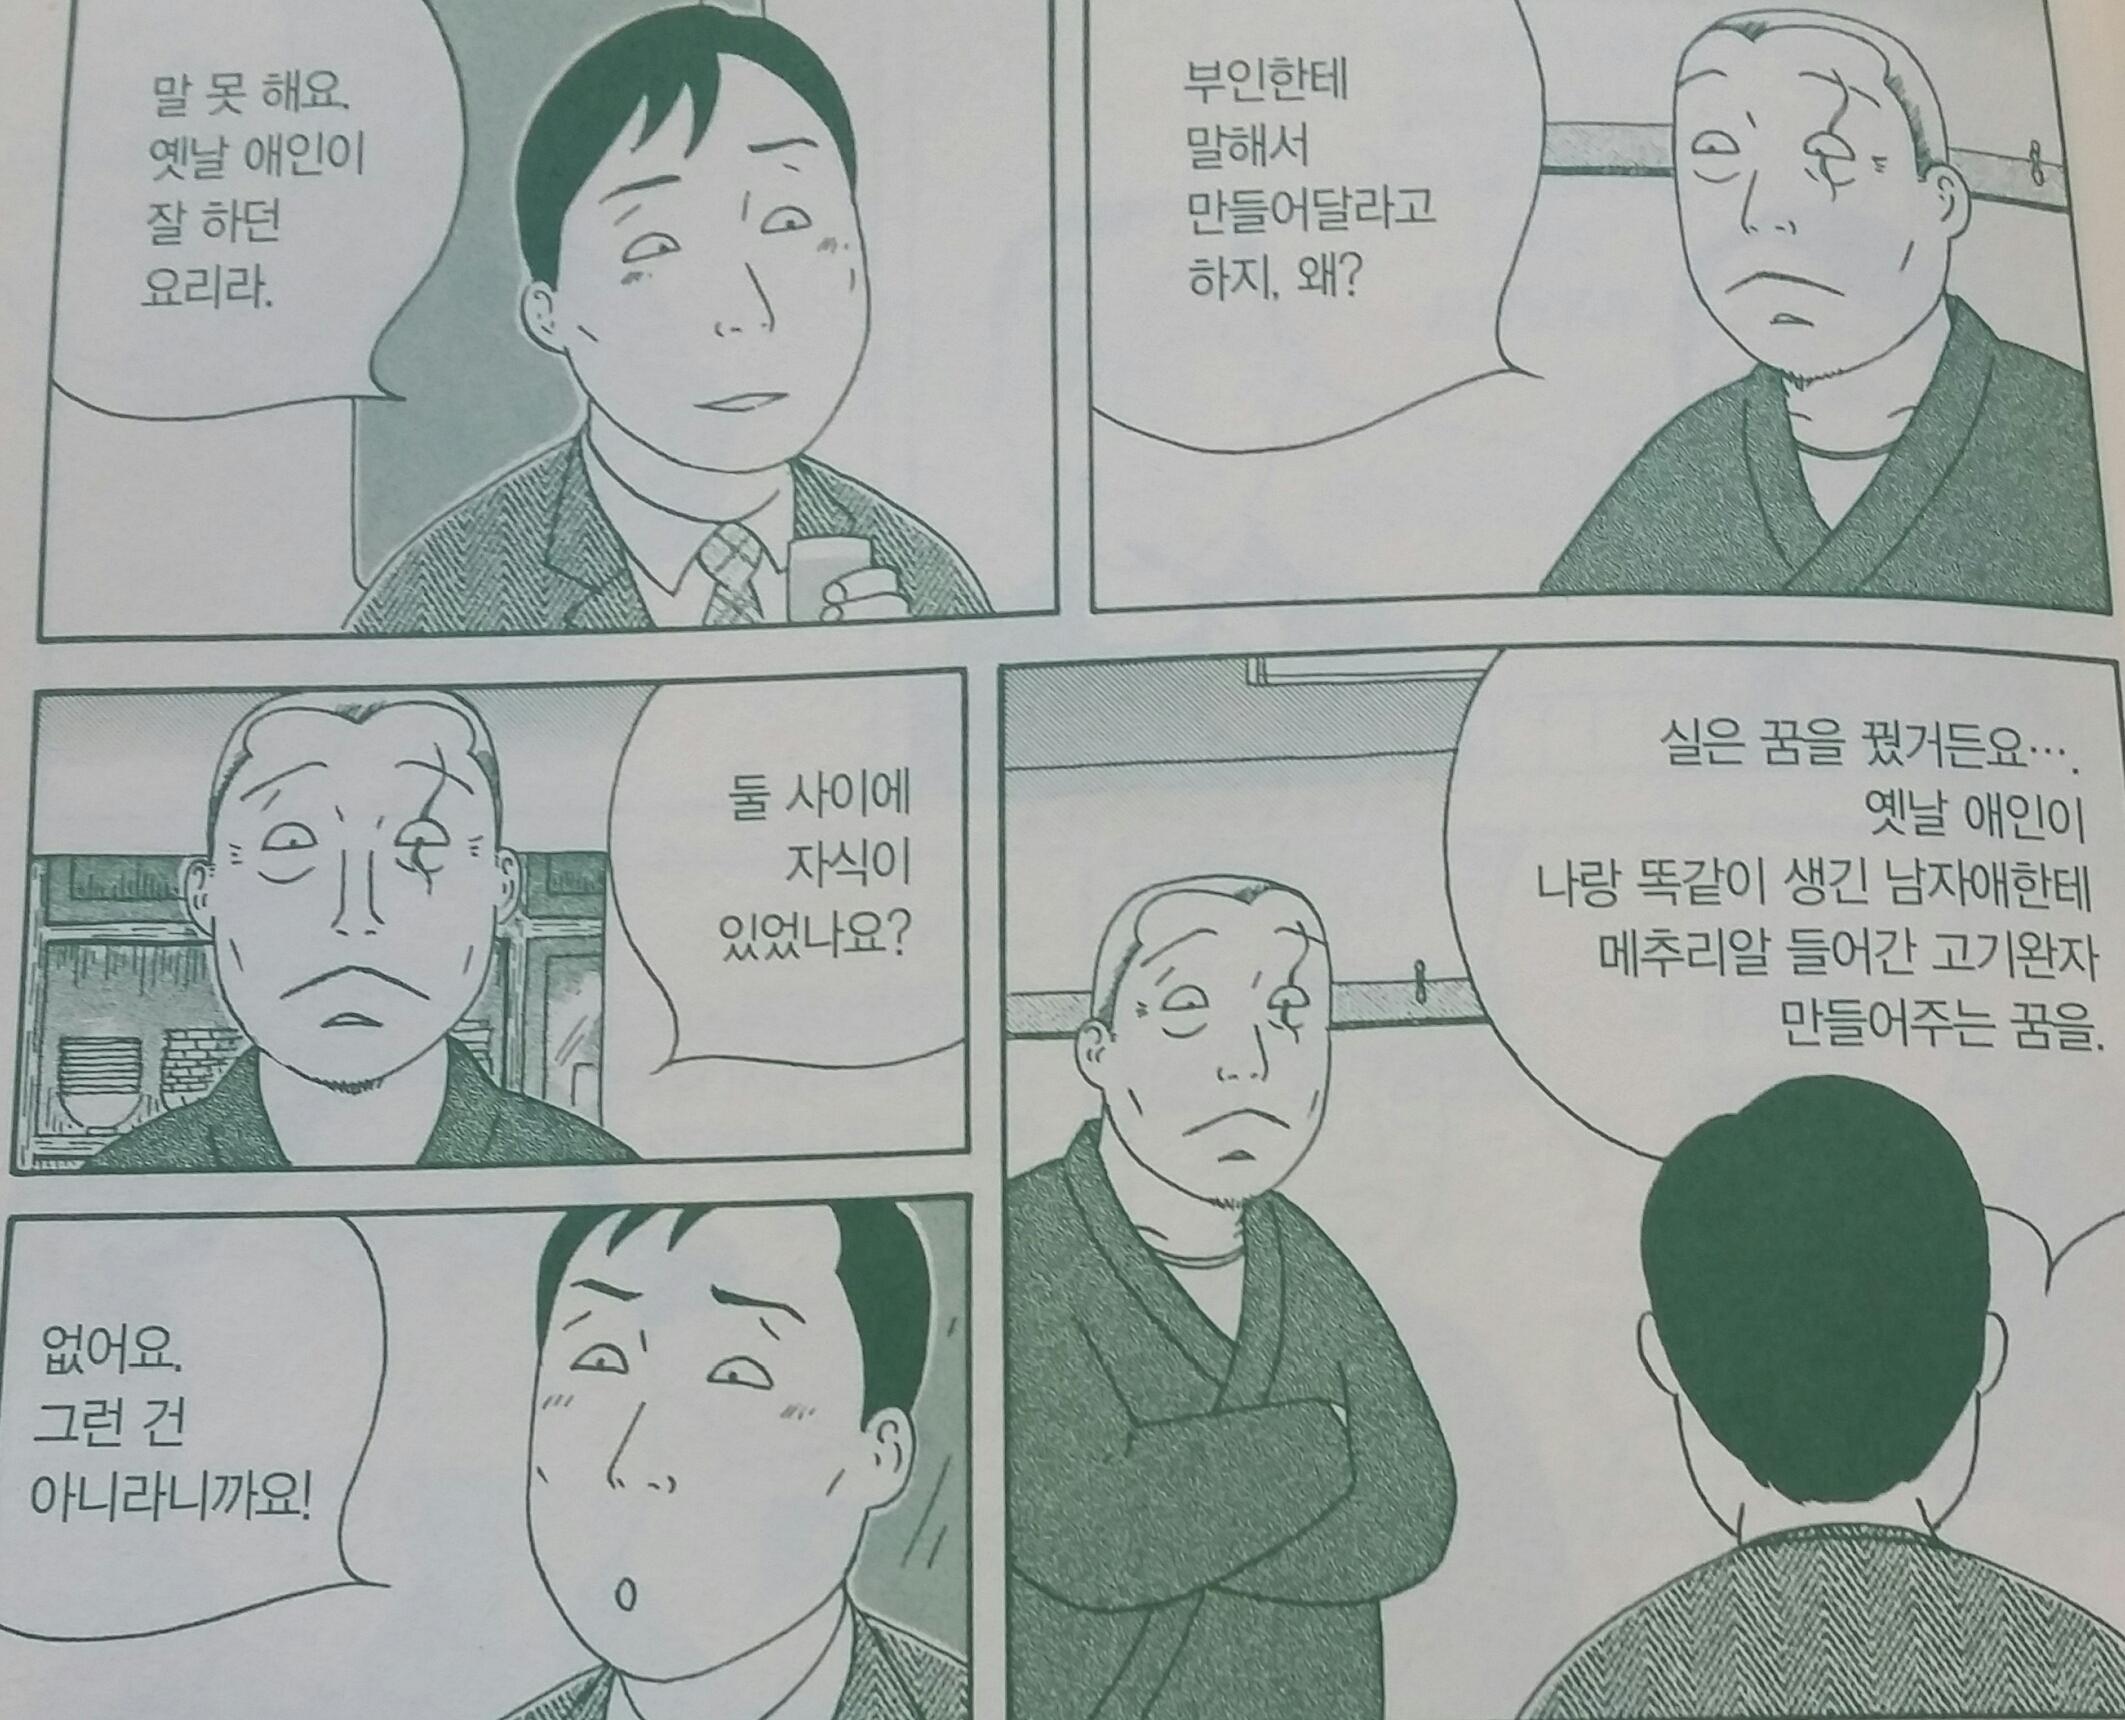 韓国 気 で に 語 しない